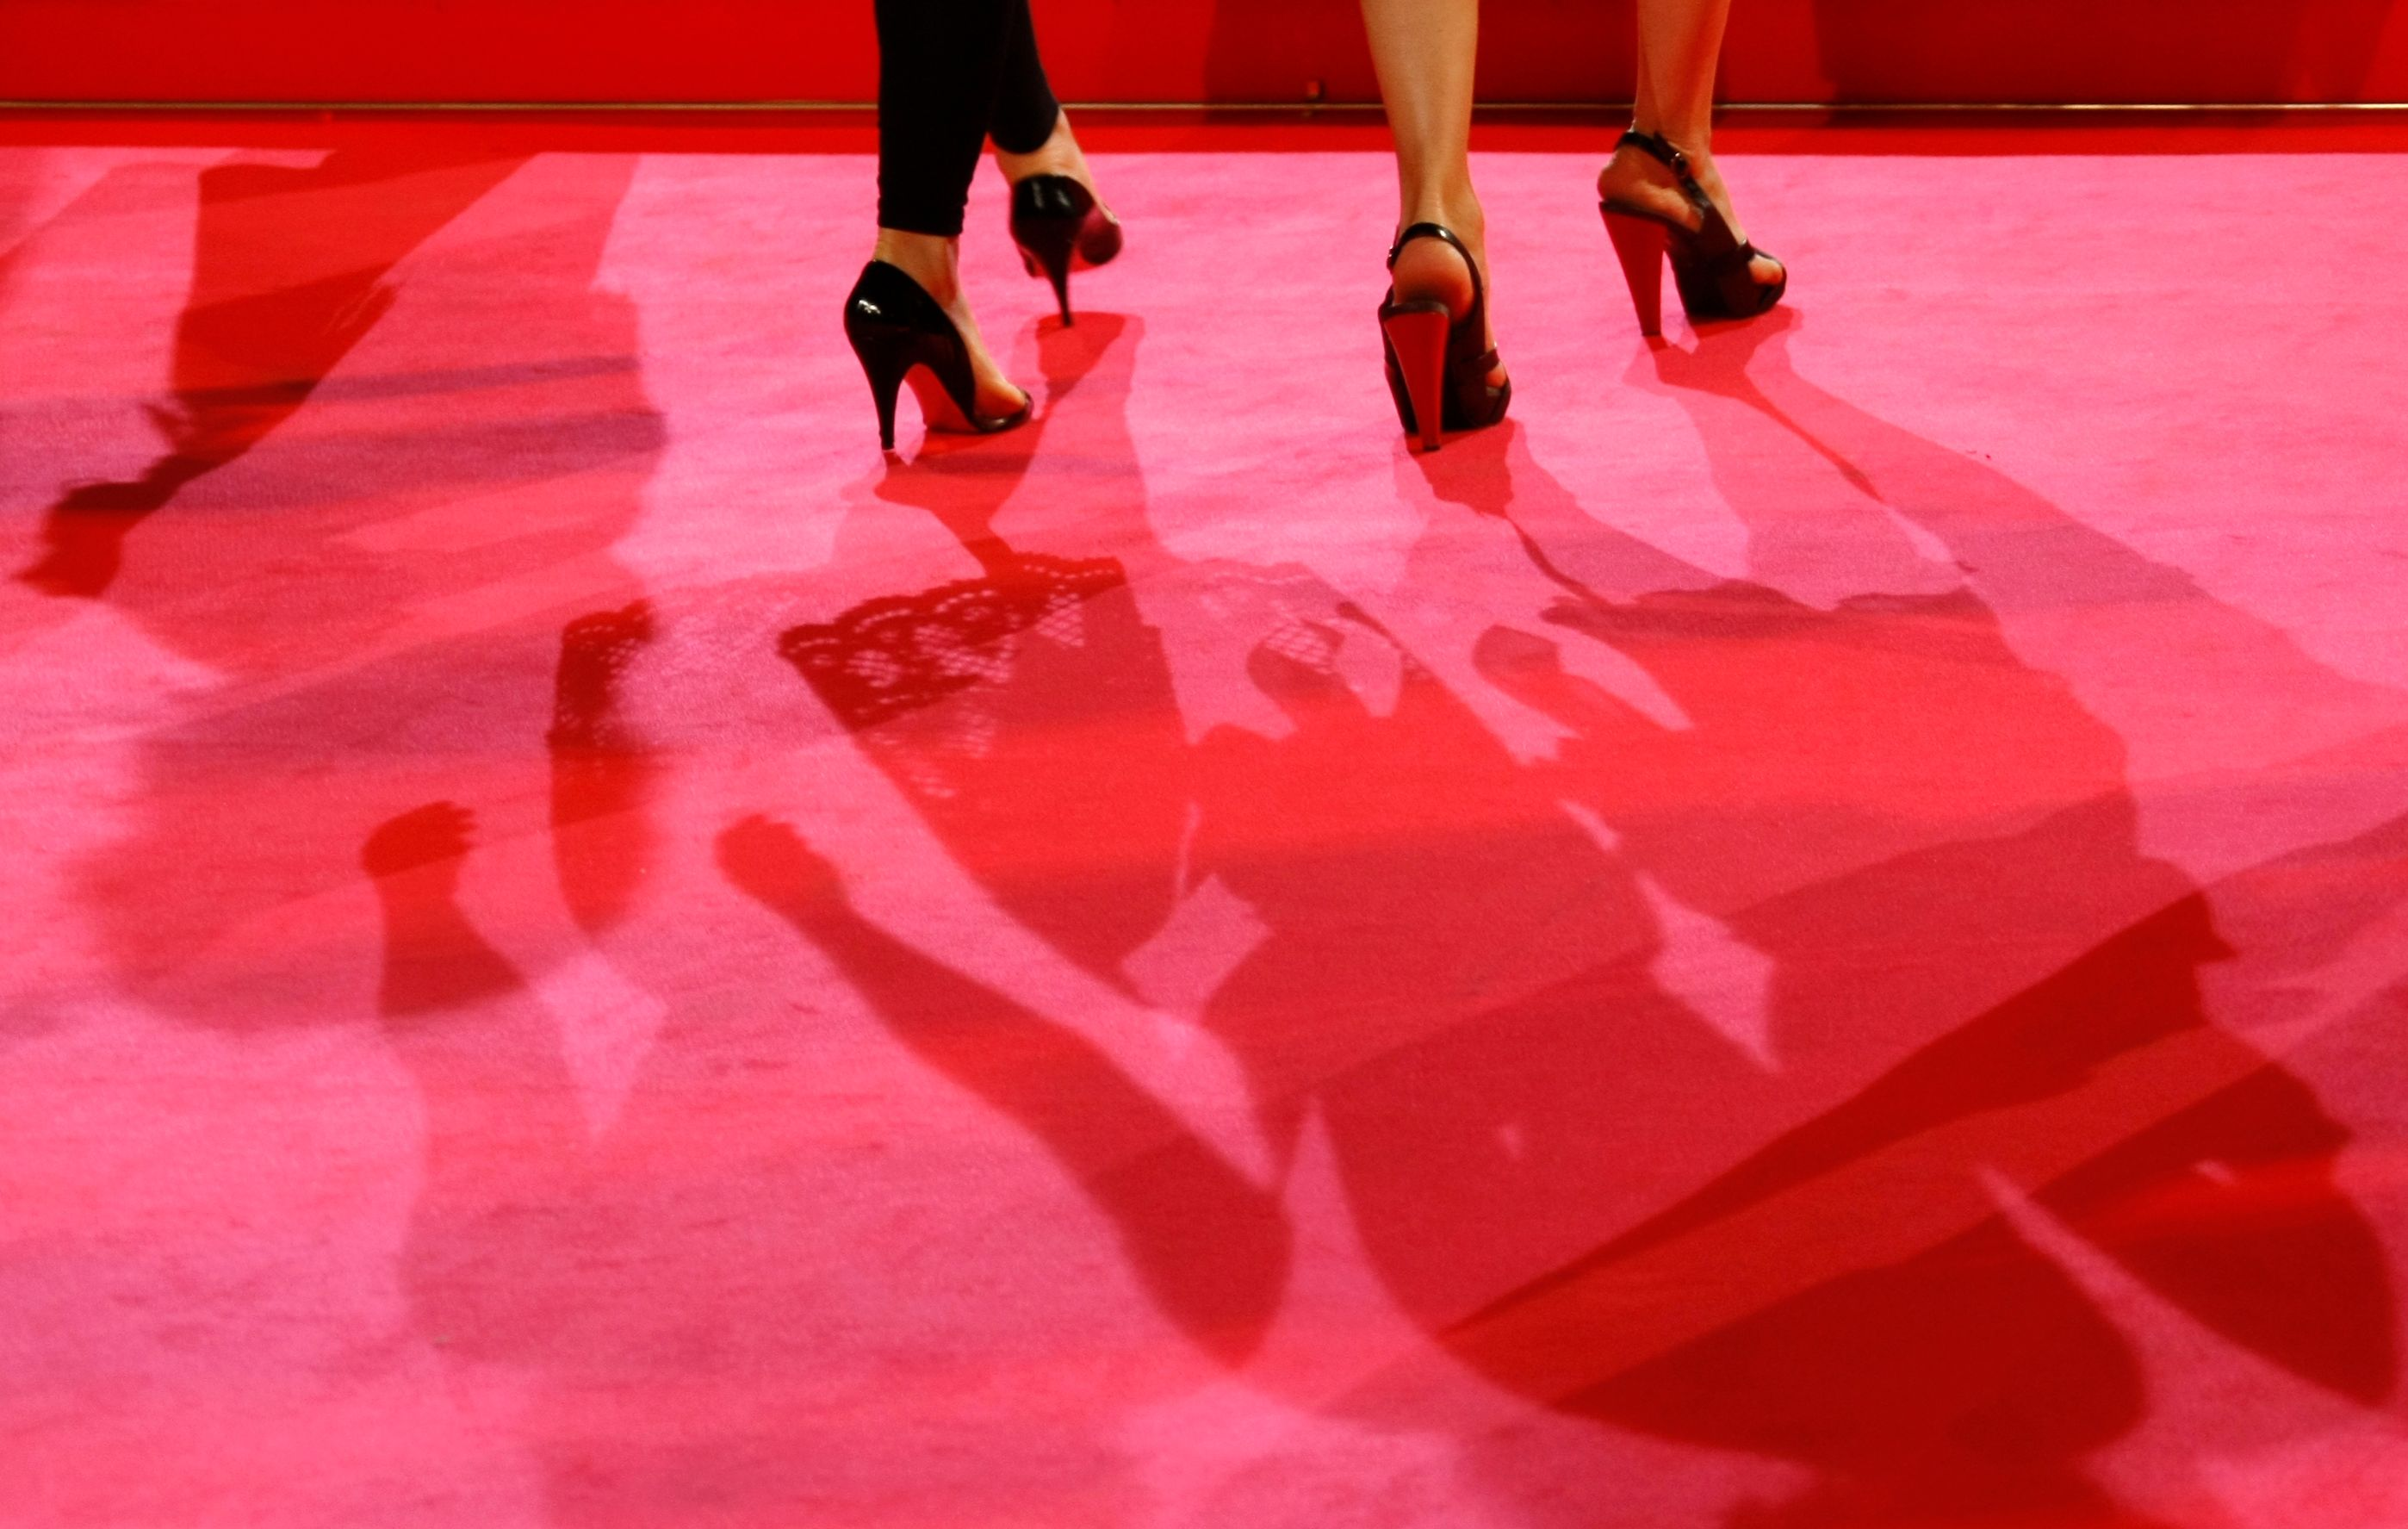 Un tiers des femmes ont déjà subi des attouchements au travail.